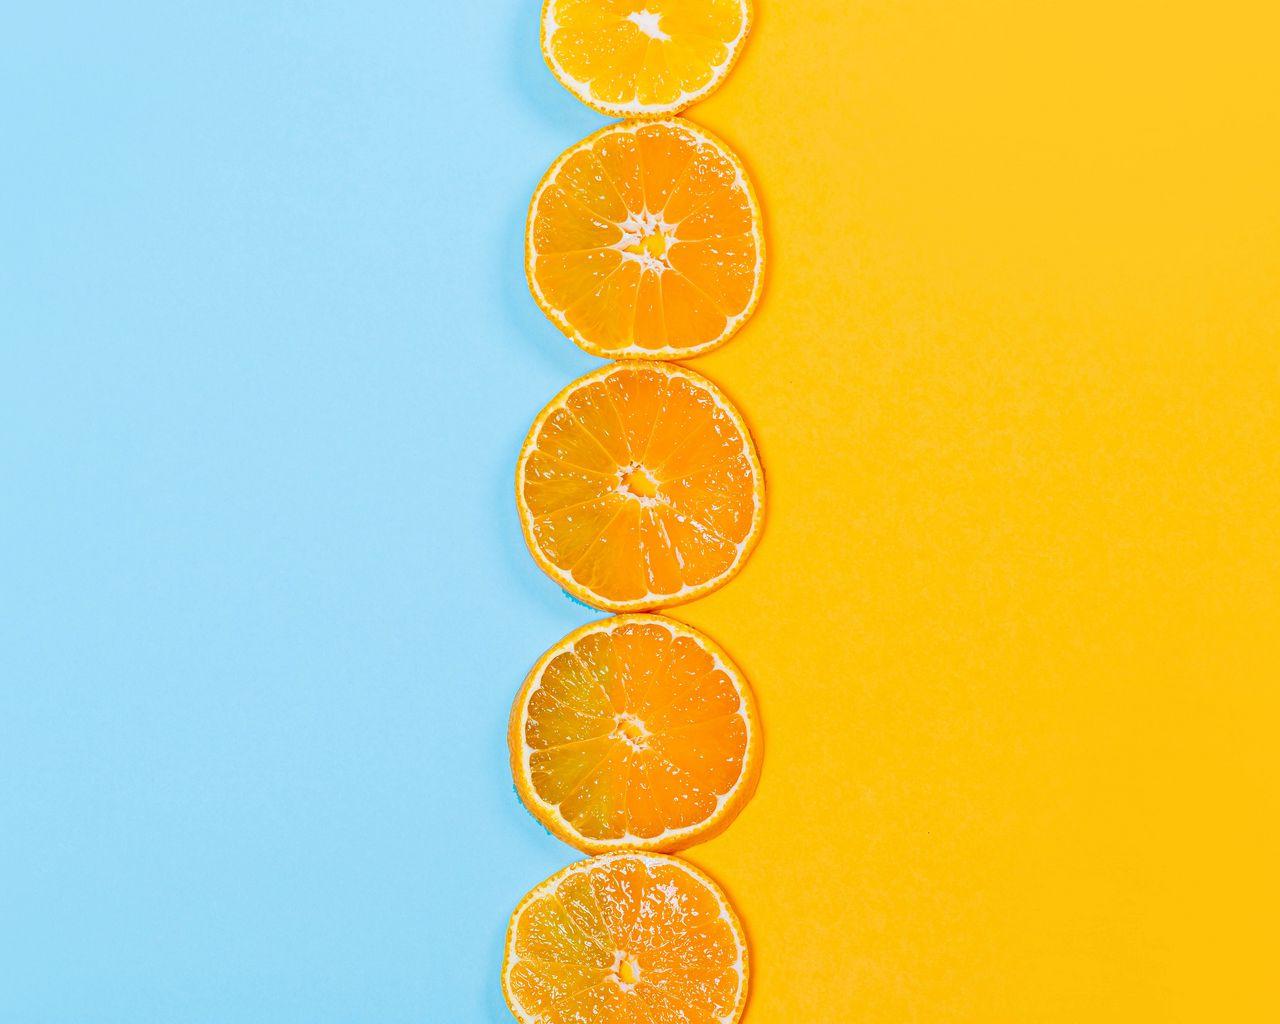 1280x1024 Wallpaper orange, slices, fruit, citrus